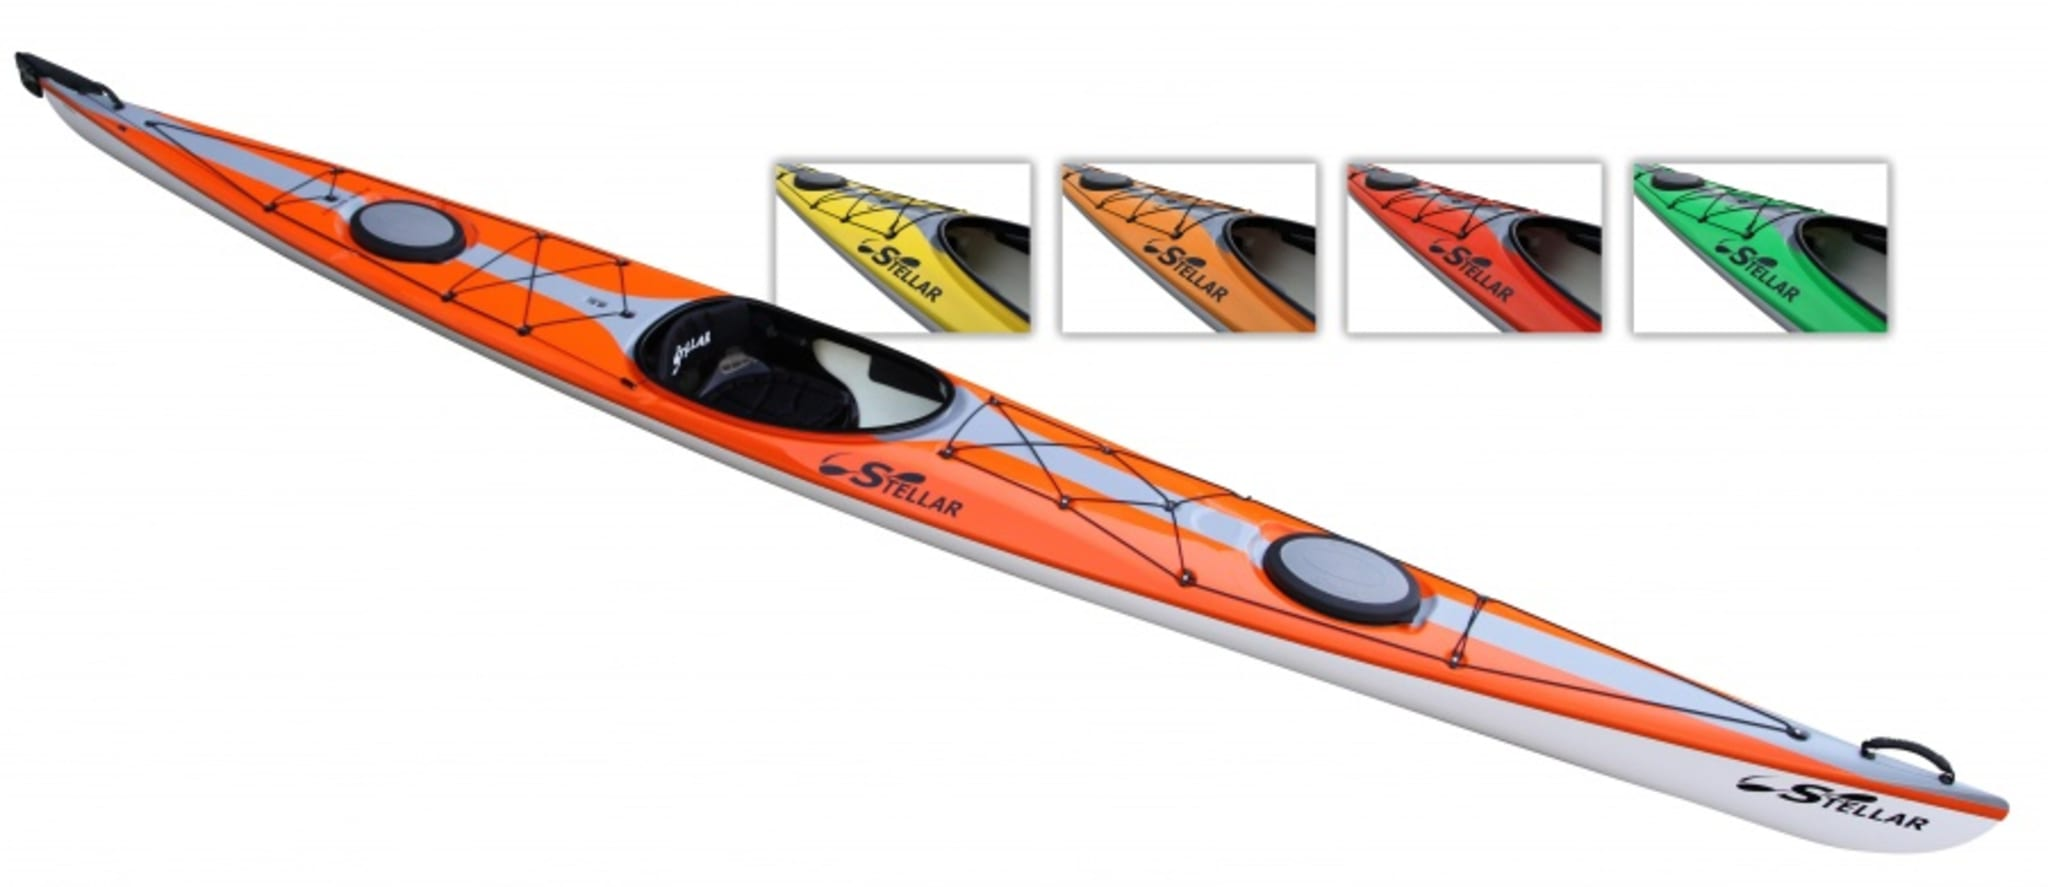 Stellar S18 er en rask og stabil havkajakk. Moderne design. Ypperlig for dagsturer og lange turer på hav og innsjøer.